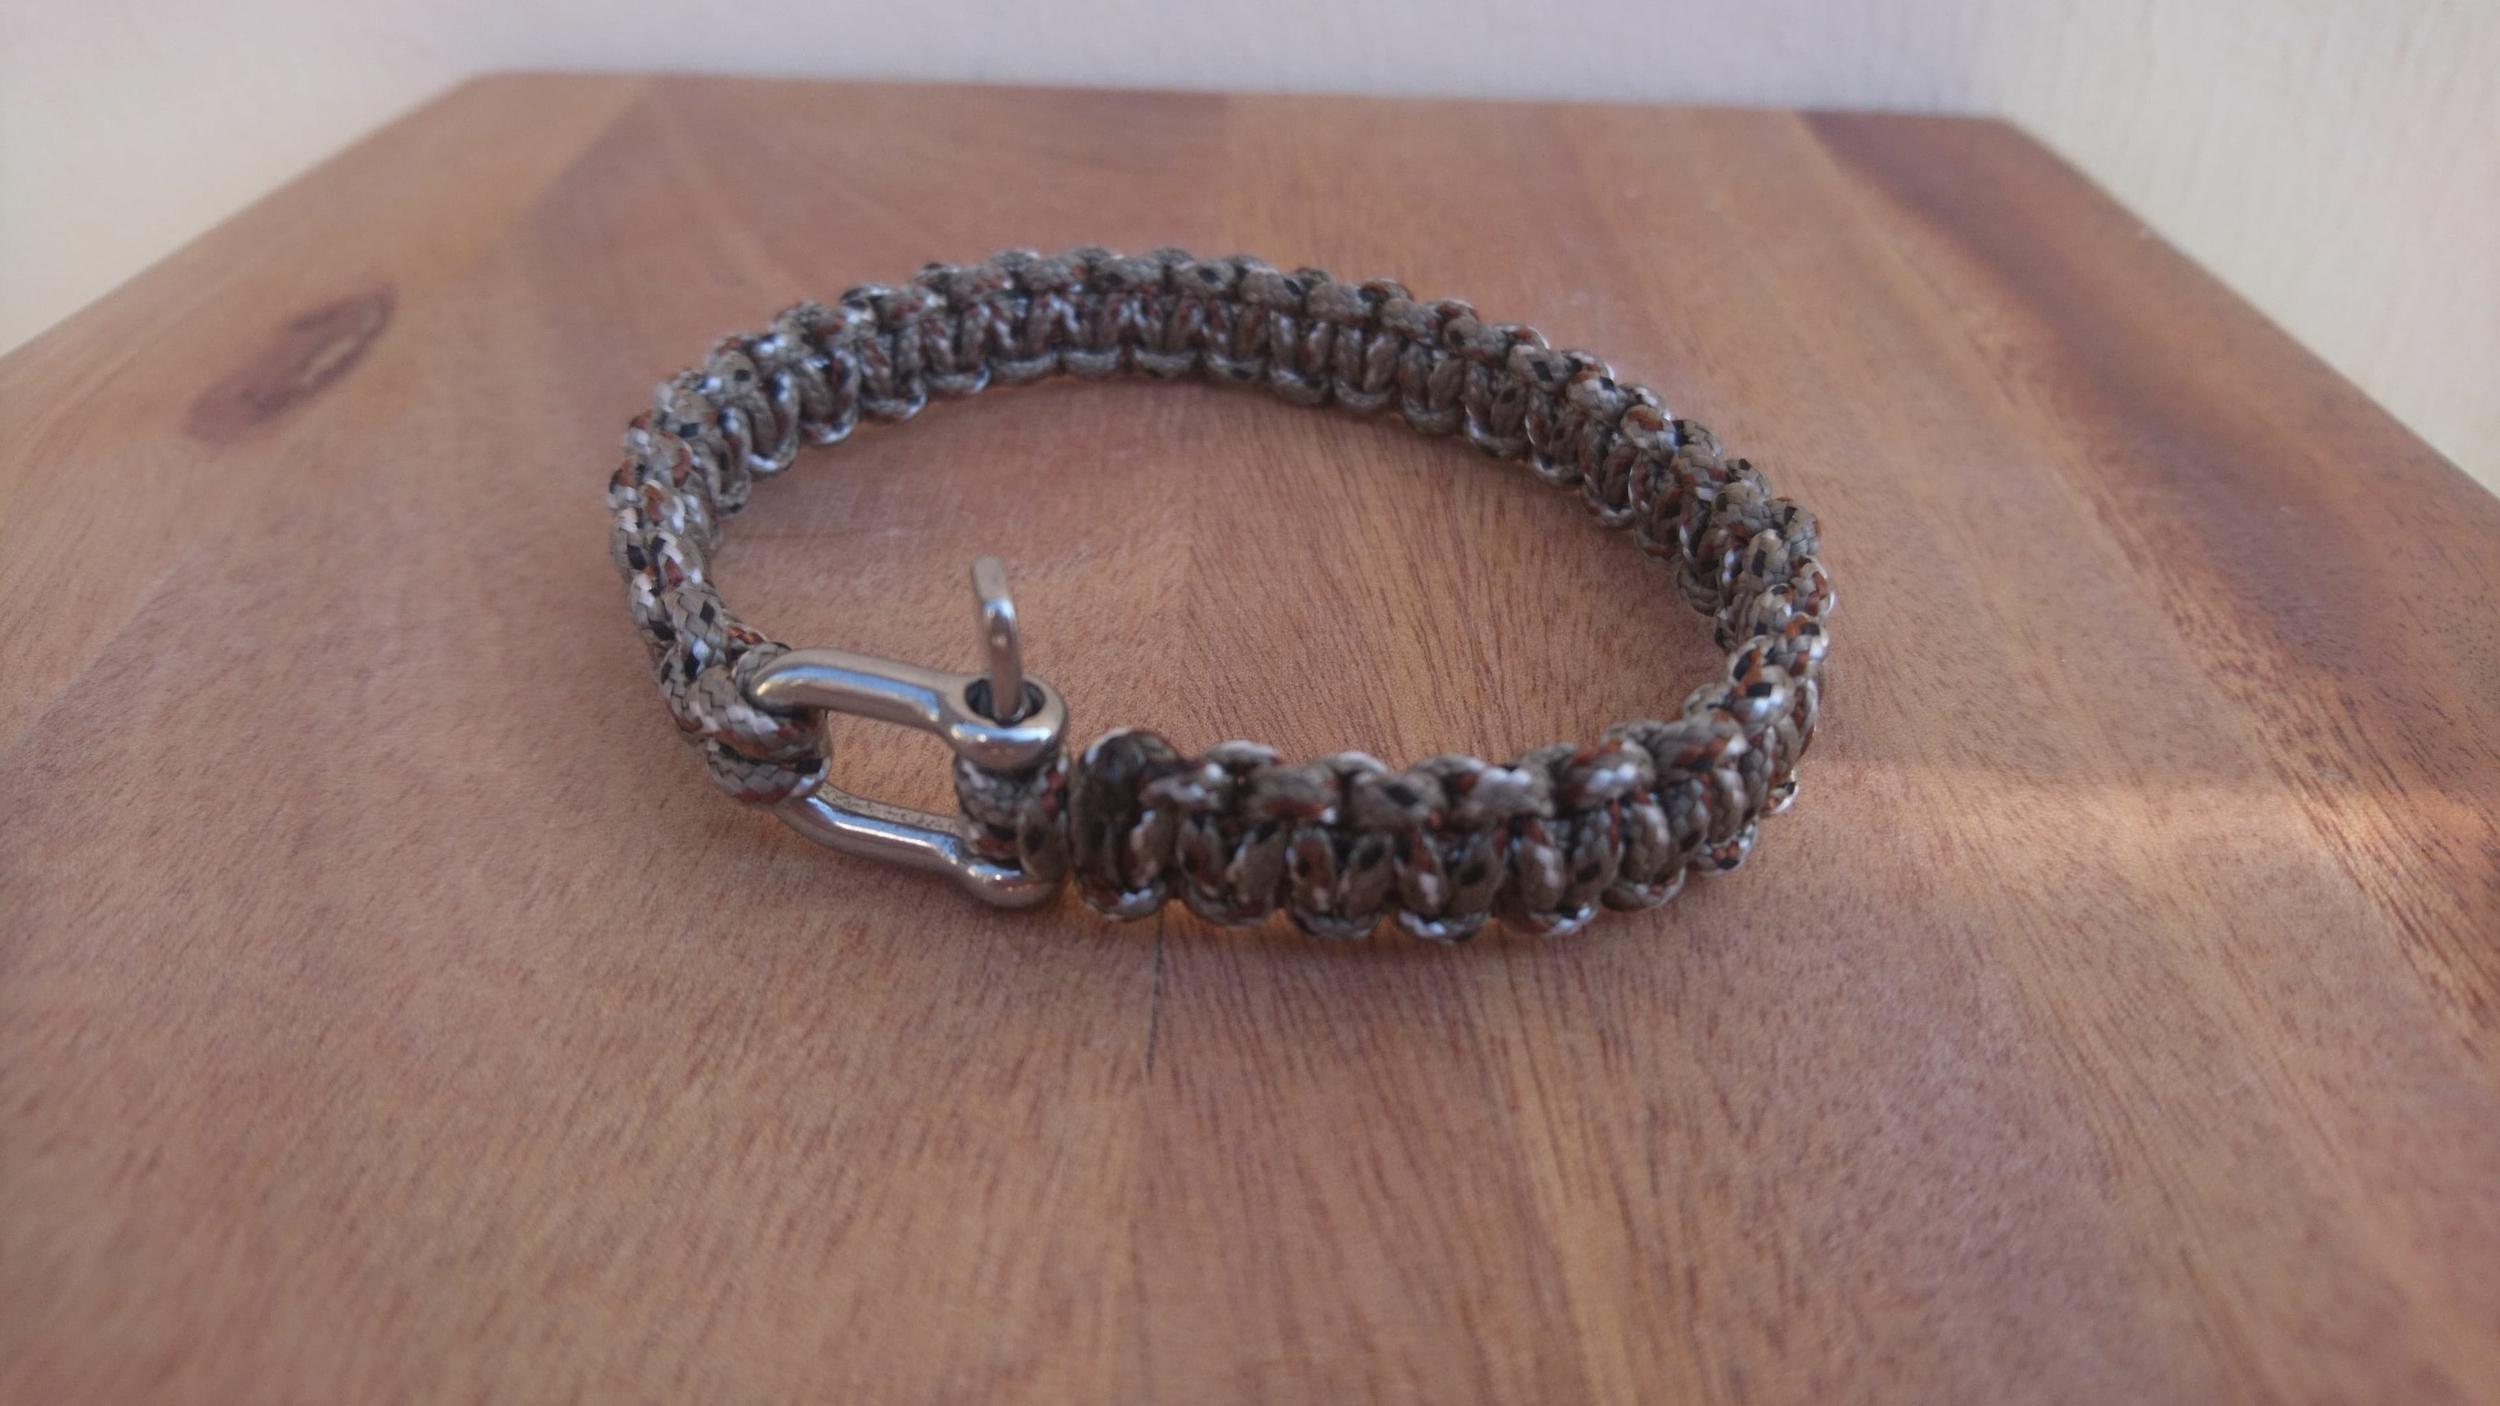 Bracelet de survie MINI pour homme en paracorde et manille en acier inoxydable - taupe